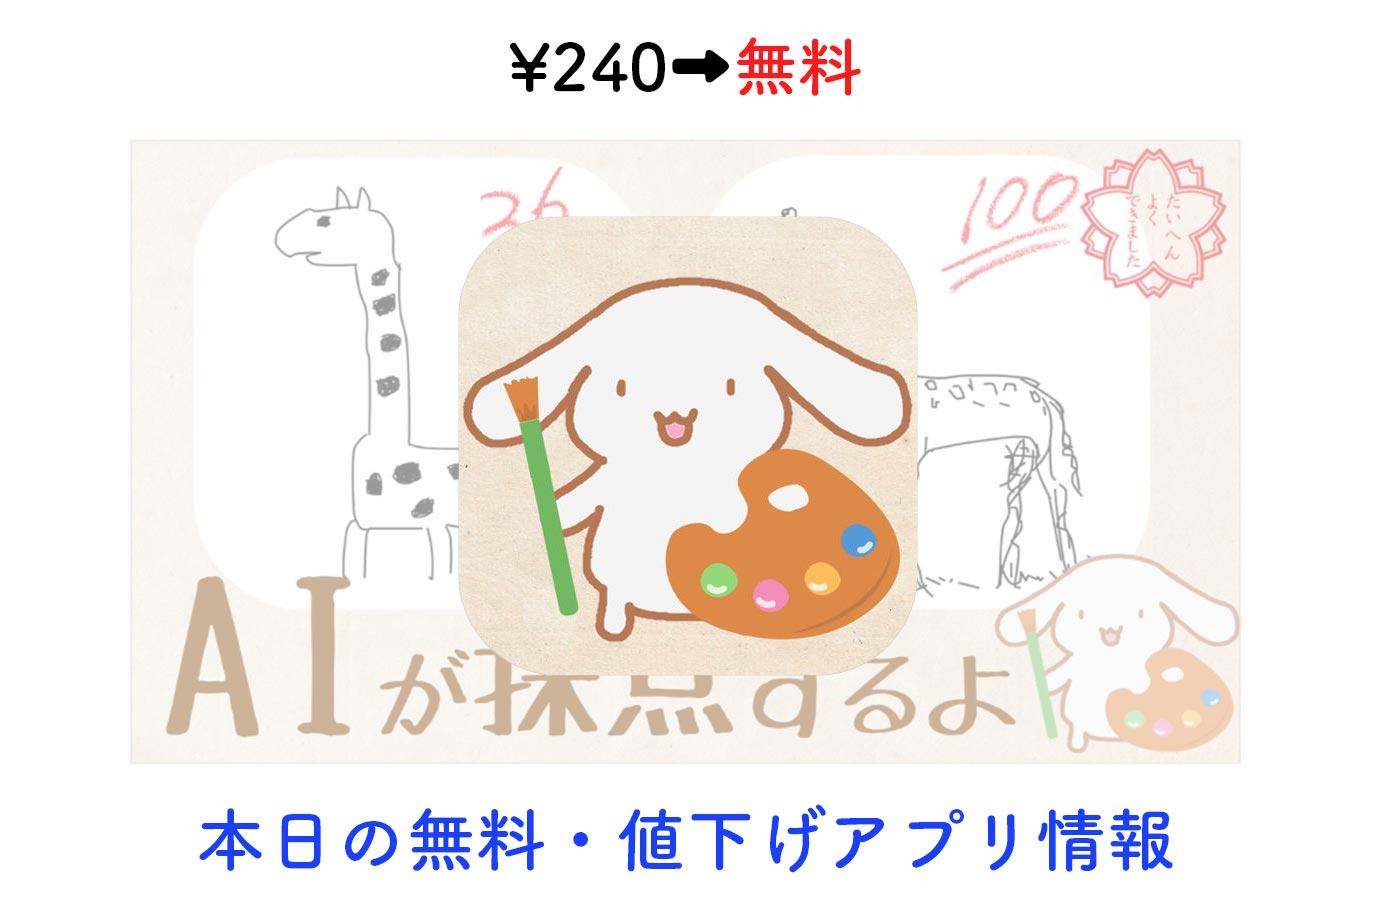 ¥240→無料、人工知能が書いた絵を採点してくれる「お絵かきバトル」など【1/27】本日の無料・値下げアプリ情報